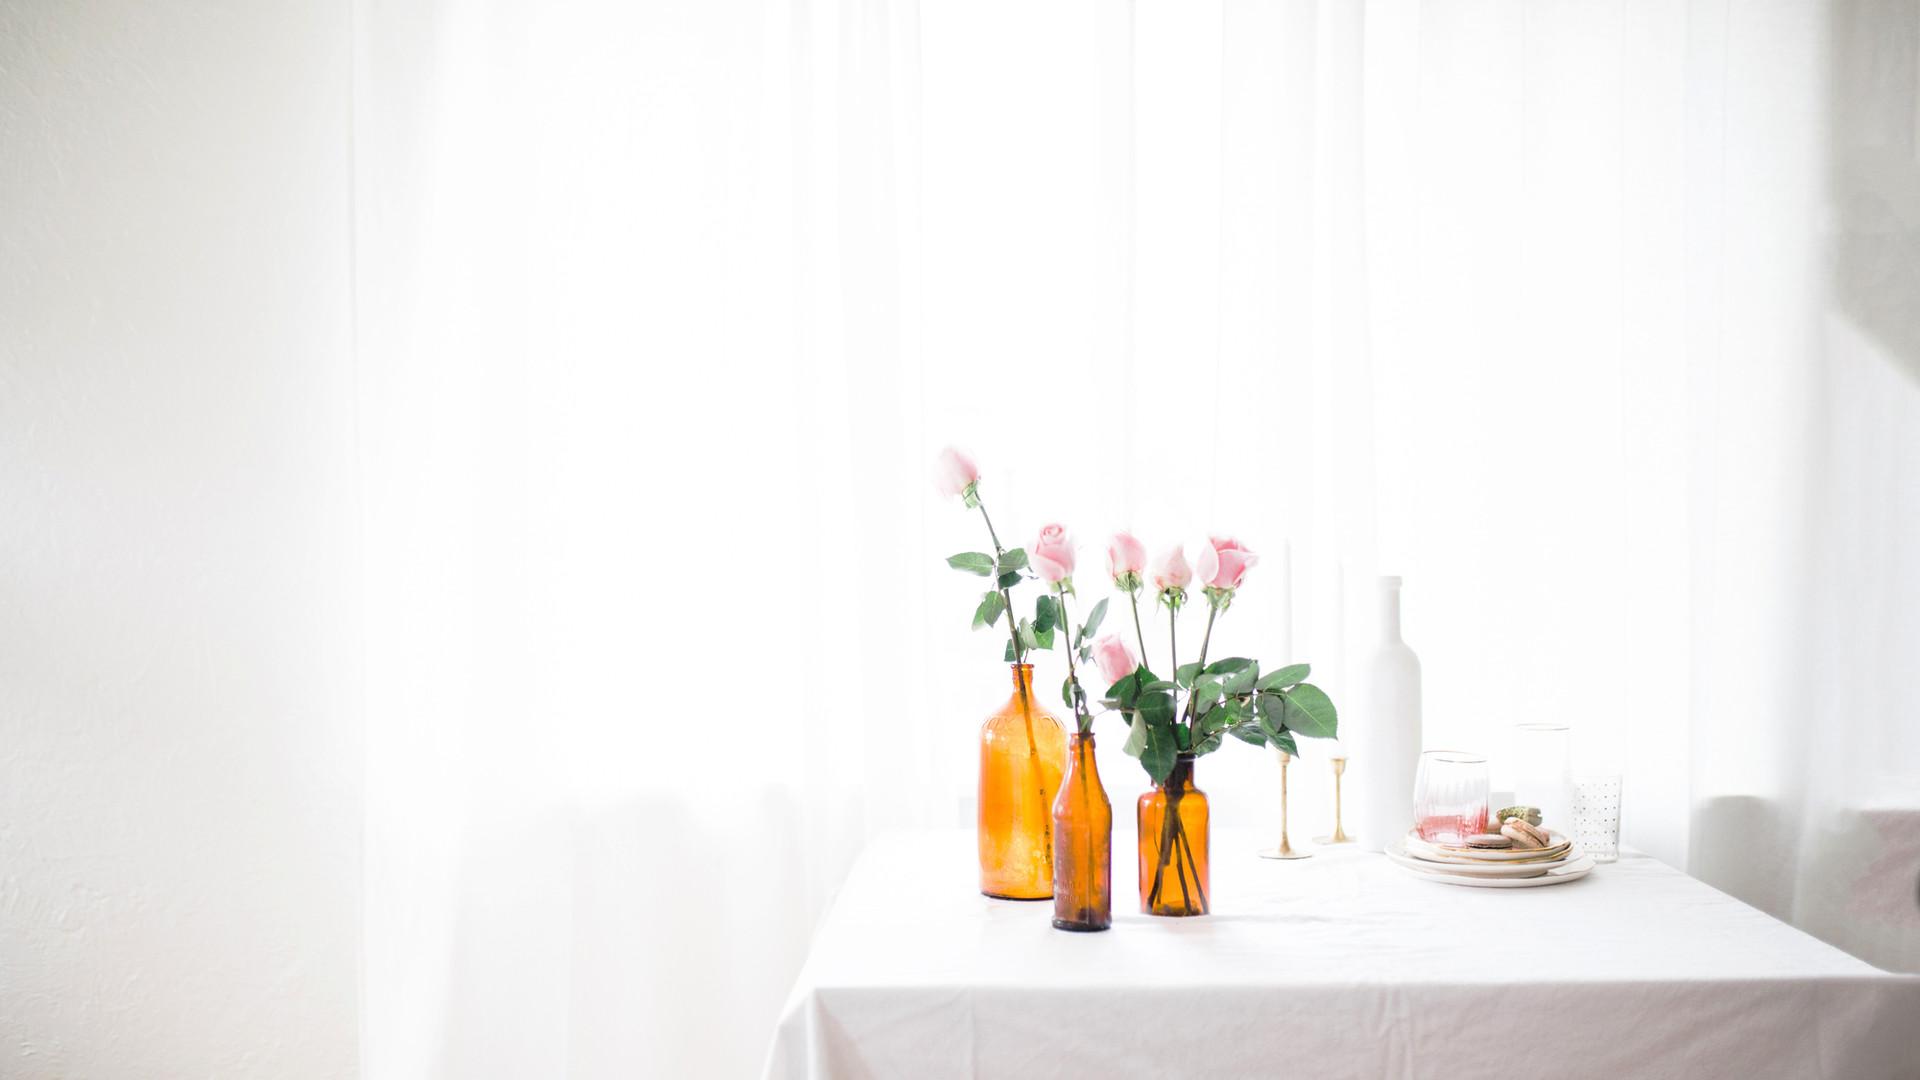 Full Table Arrangement